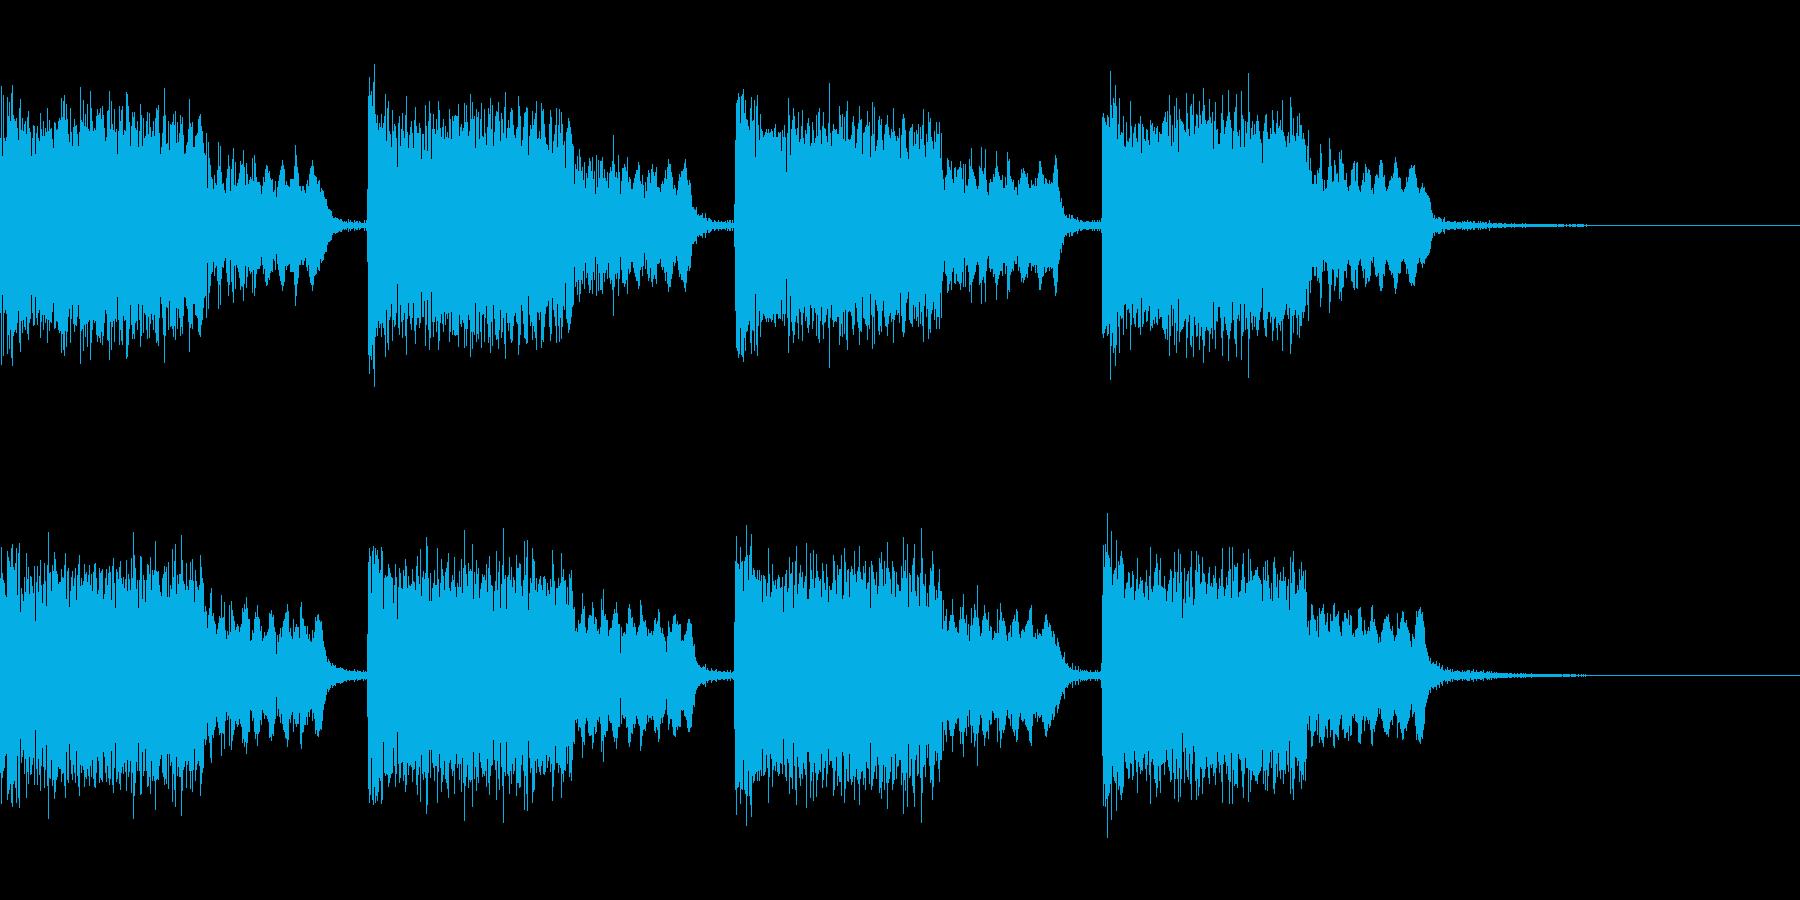 広い空間内でのタイムリミット系緊急警報音の再生済みの波形